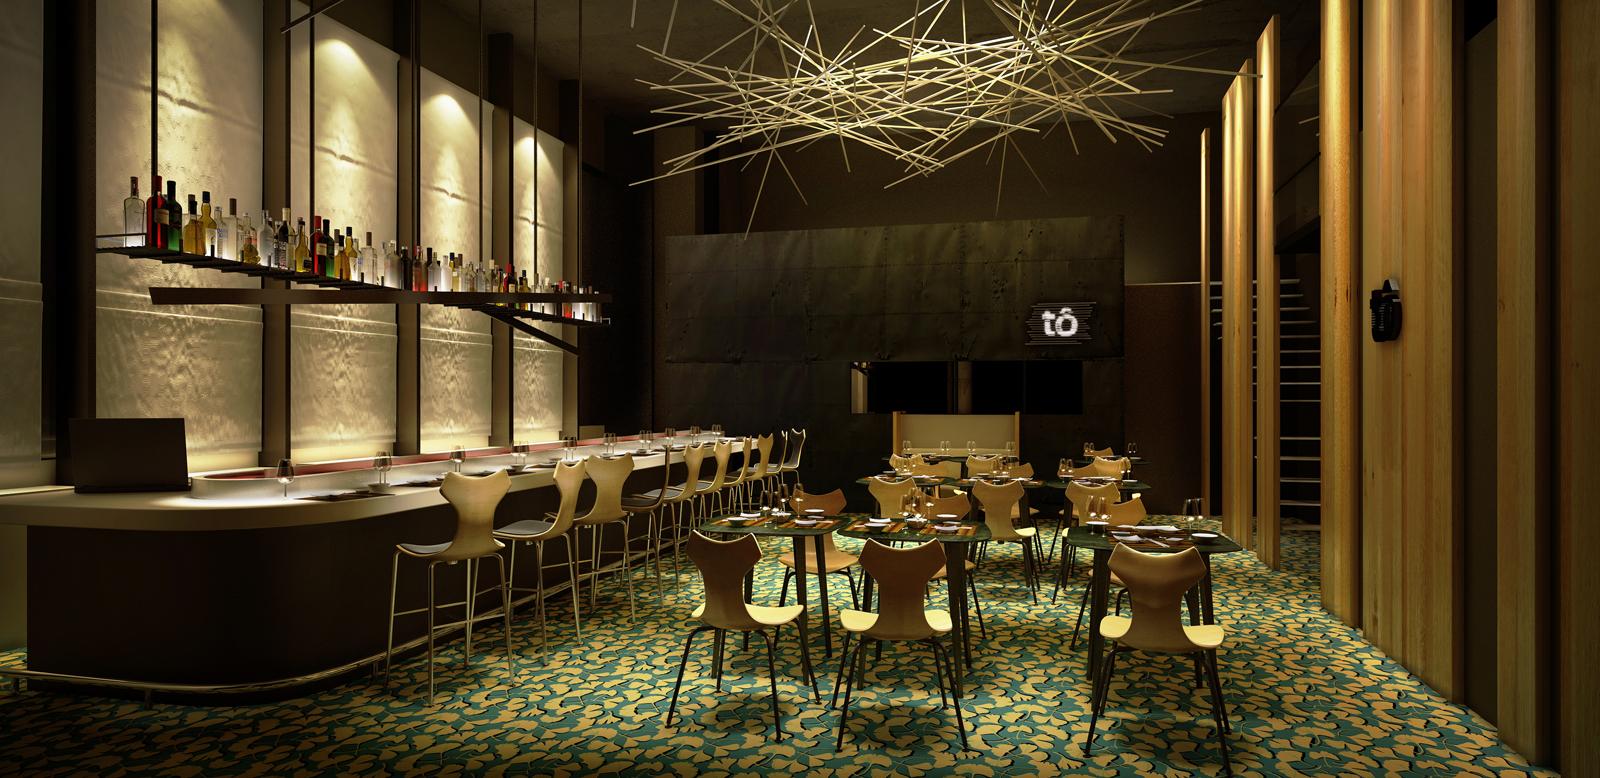 http://2.bp.blogspot.com/-juKD7A_wAXA/UCKNxwNUnJI/AAAAAAAAHqw/8UjvIykax3U/s1600/restaurant+to+foto+remodelaci%C3%B3n.jpg